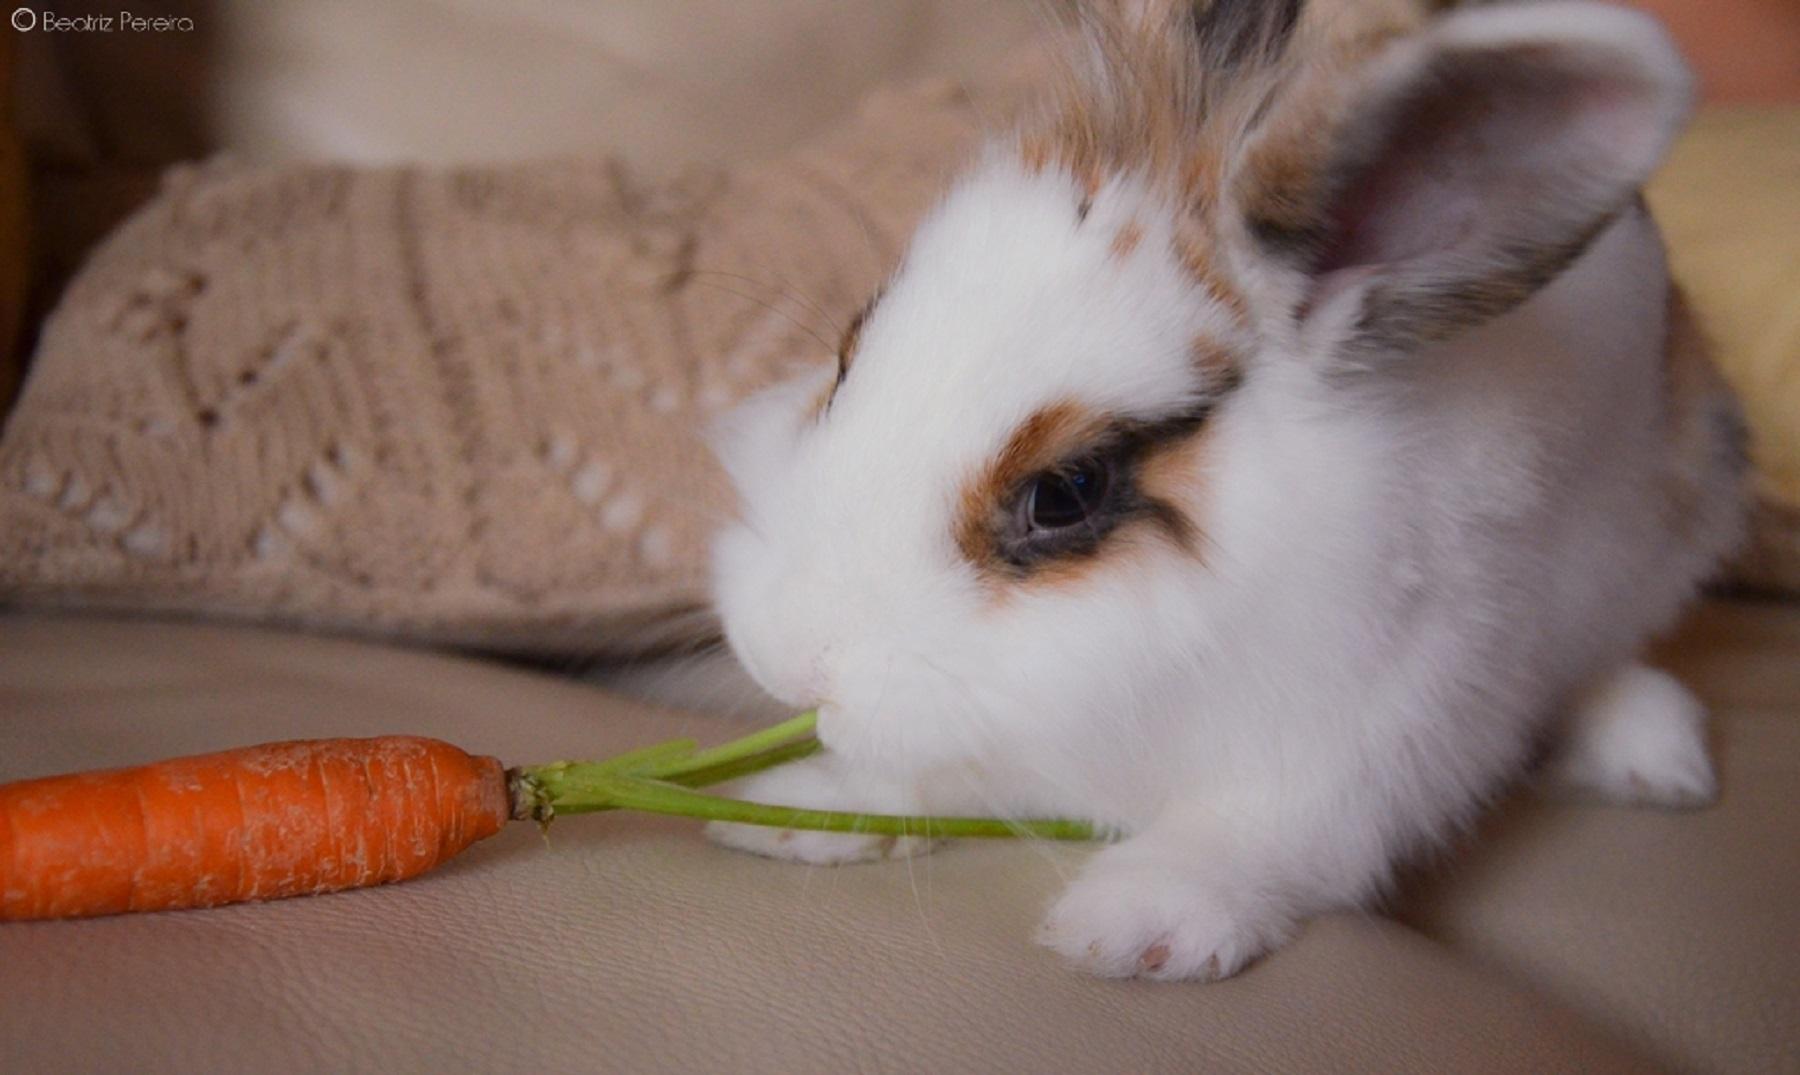 Las Zanahorias No Son Buenas Para Los Conejos Una zanahoria es una zanahoria, y no sabemos nada más. las zanahorias no son buenas para los